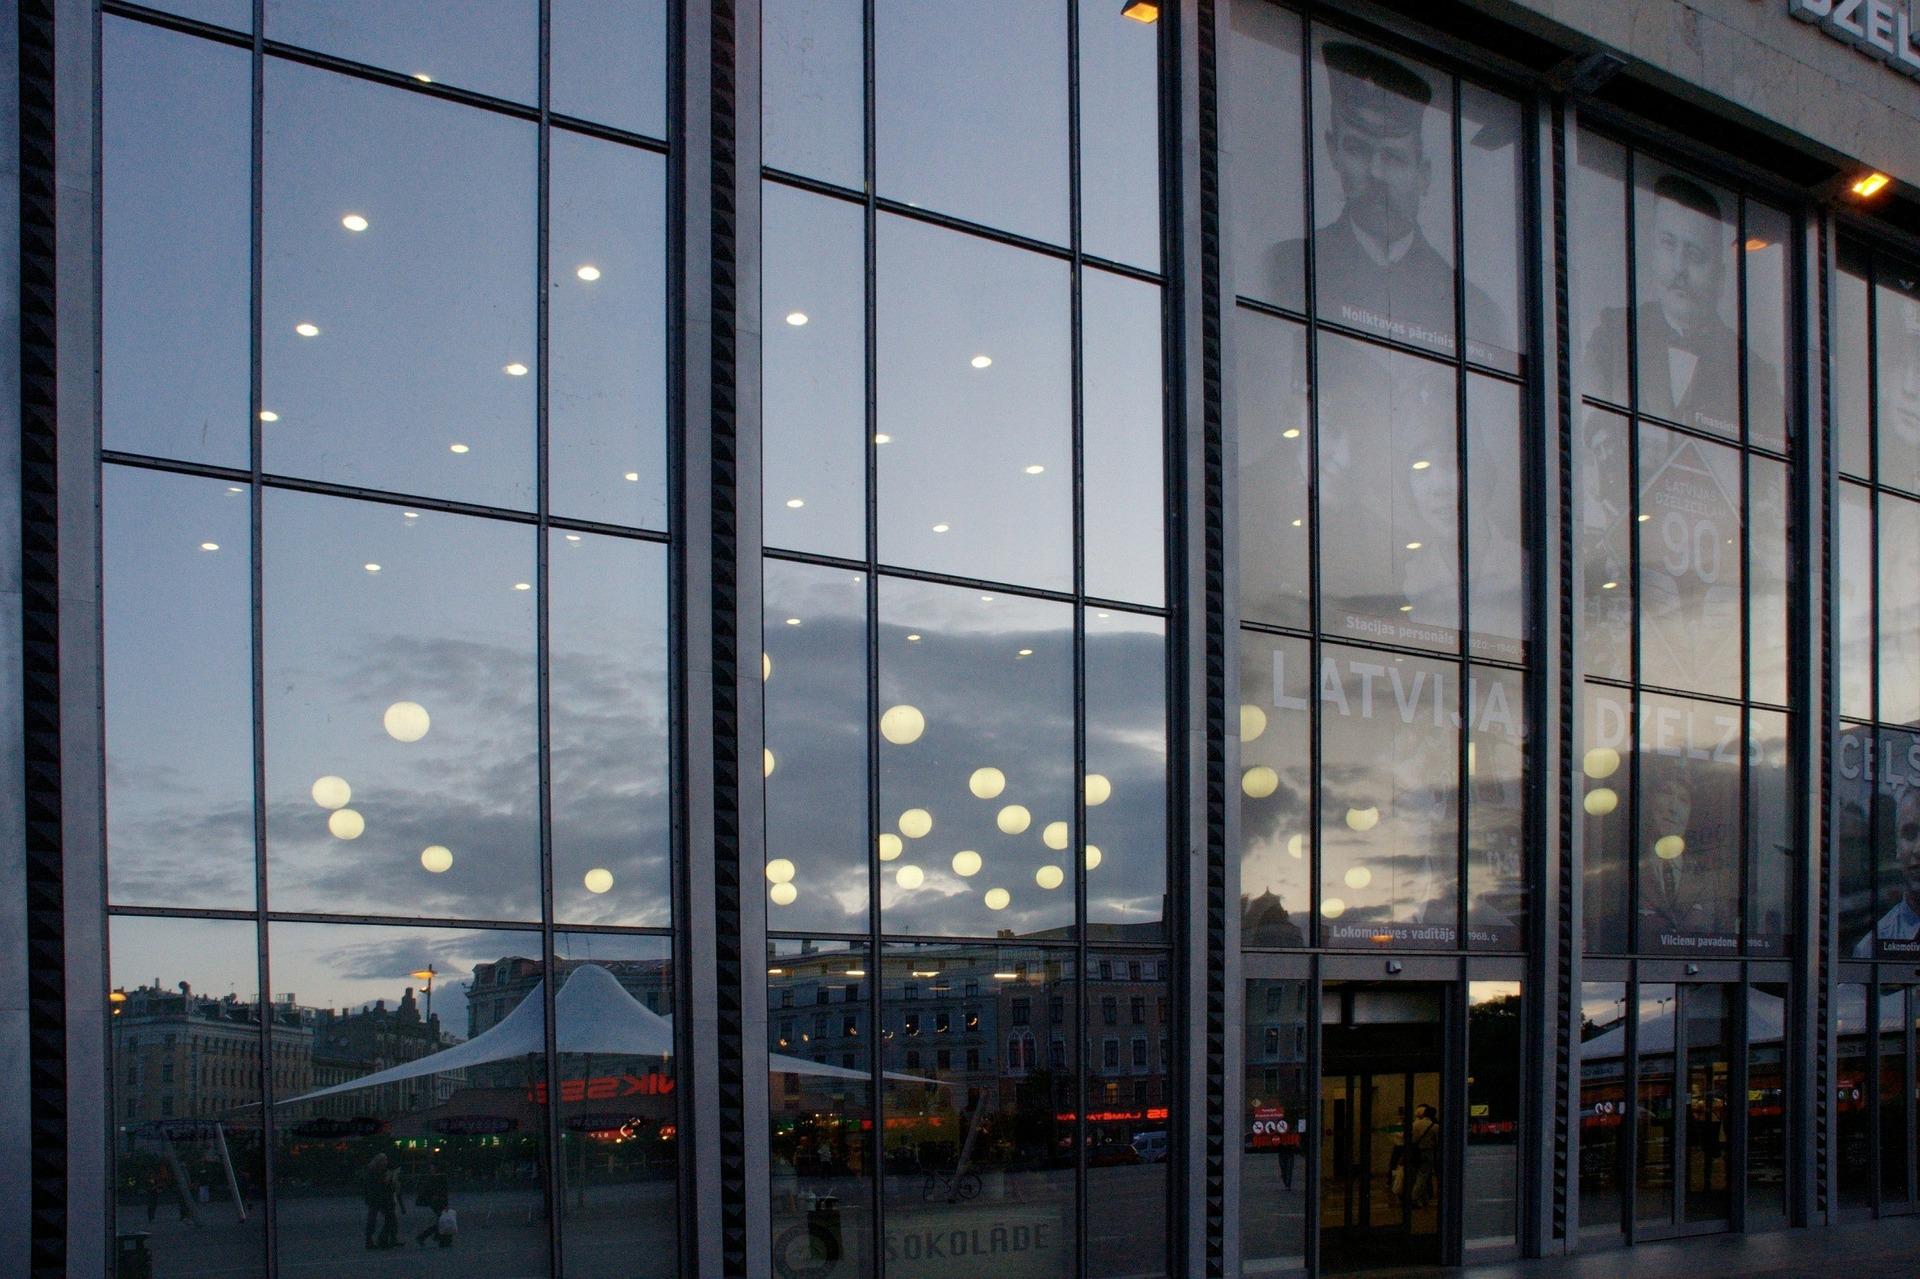 夕暮れを映した窓